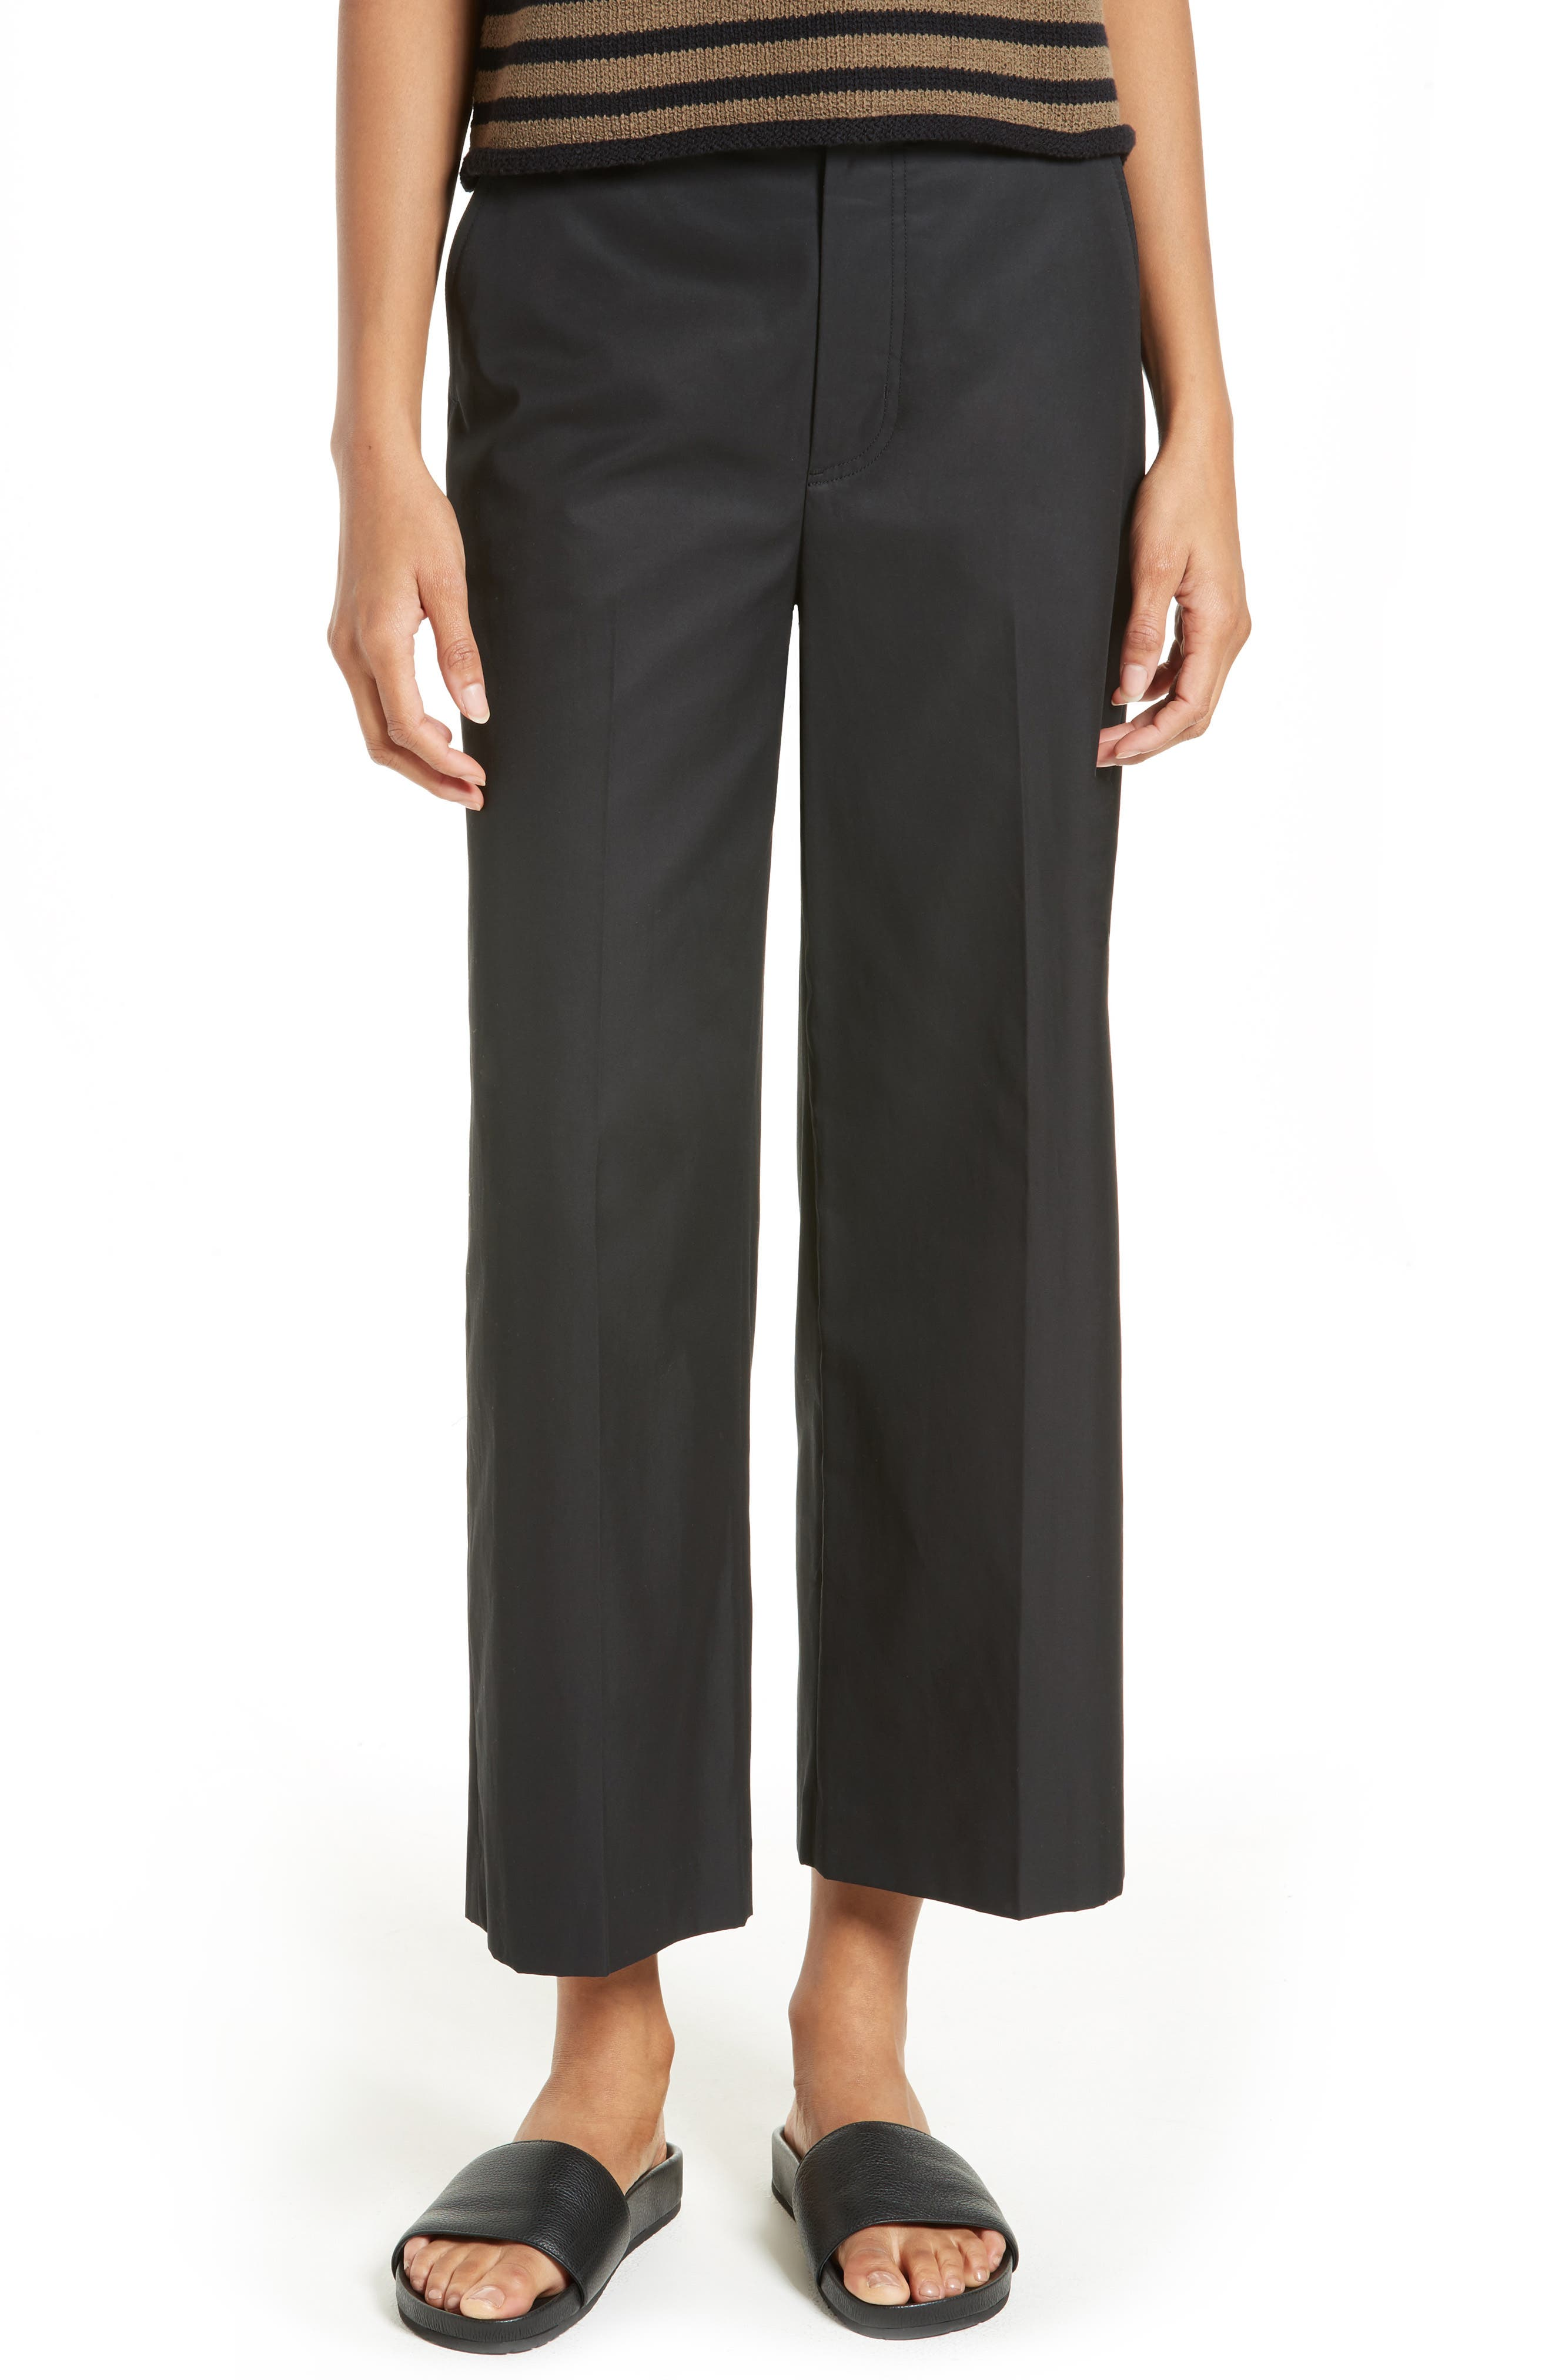 Vince High Waist Crop Trousers